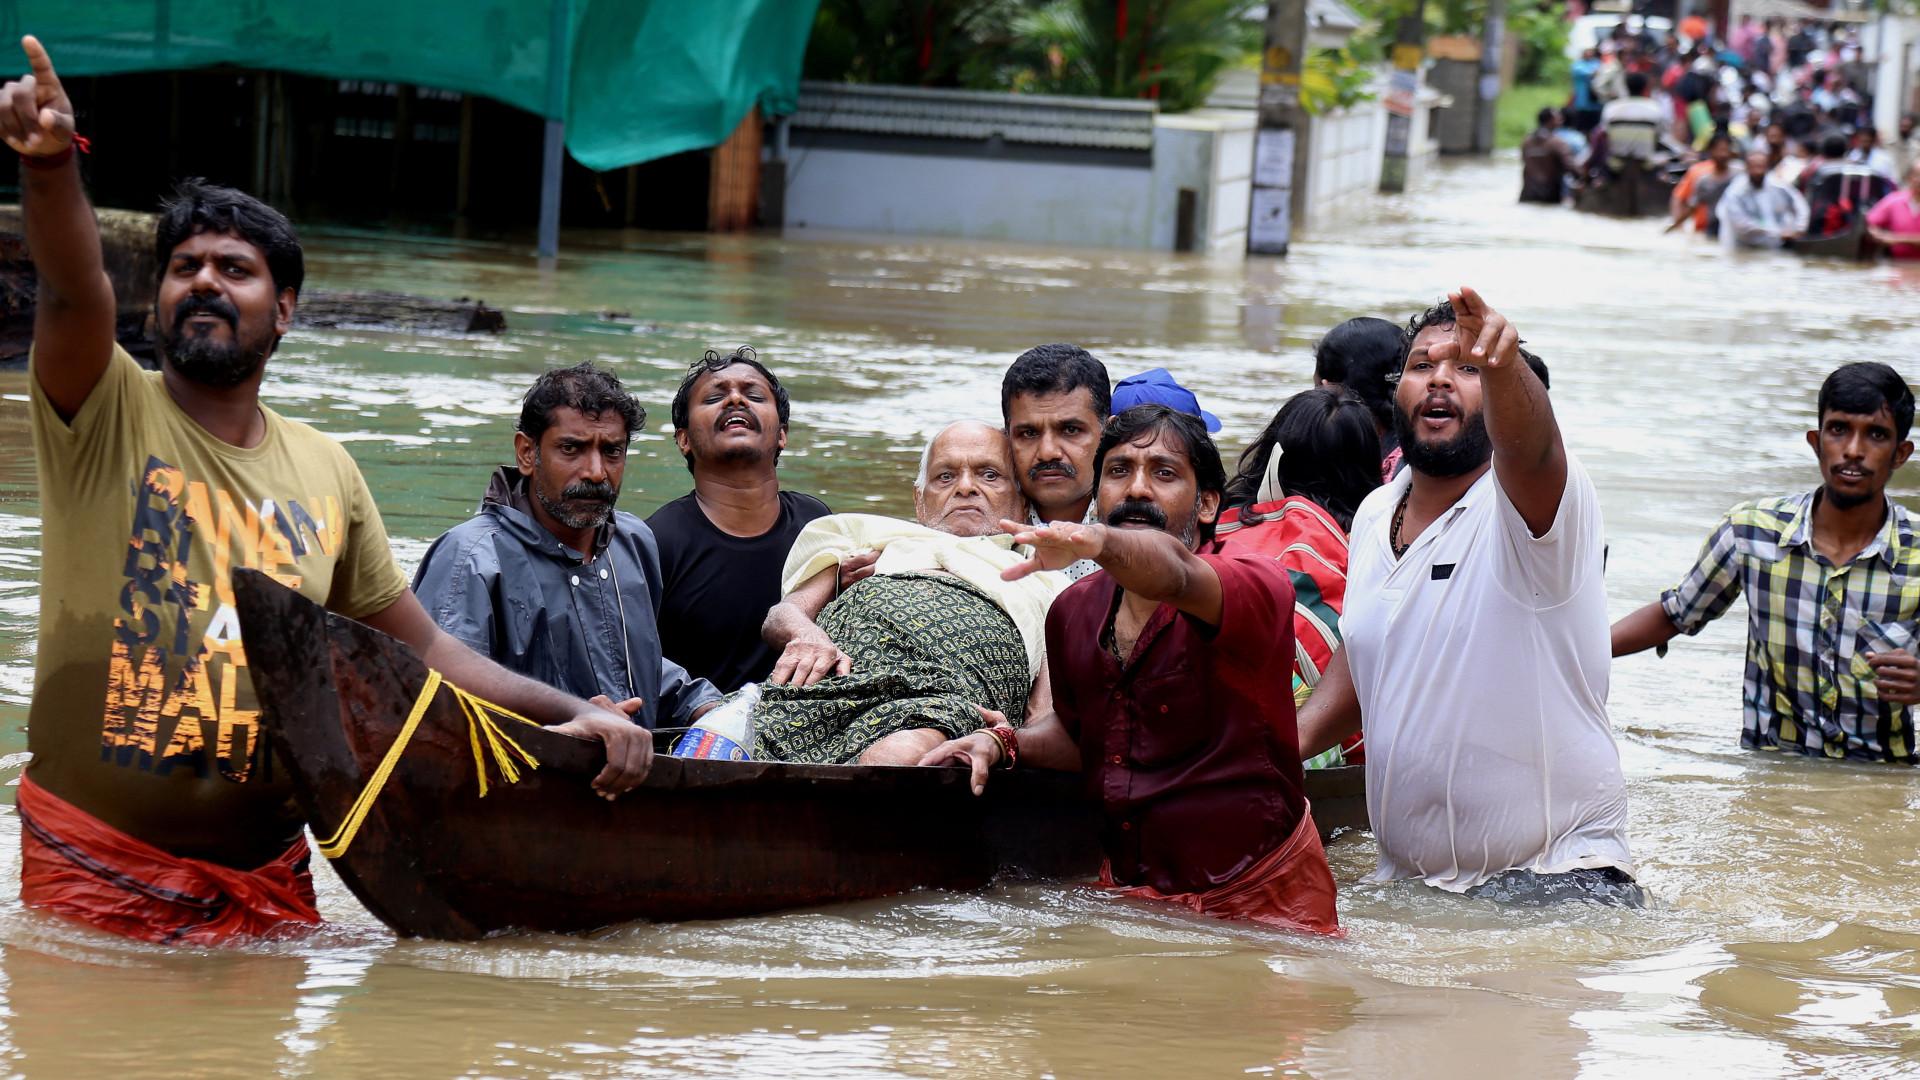 Cerca de 800 mil desalojados após inundações na Índia que já mataram 357